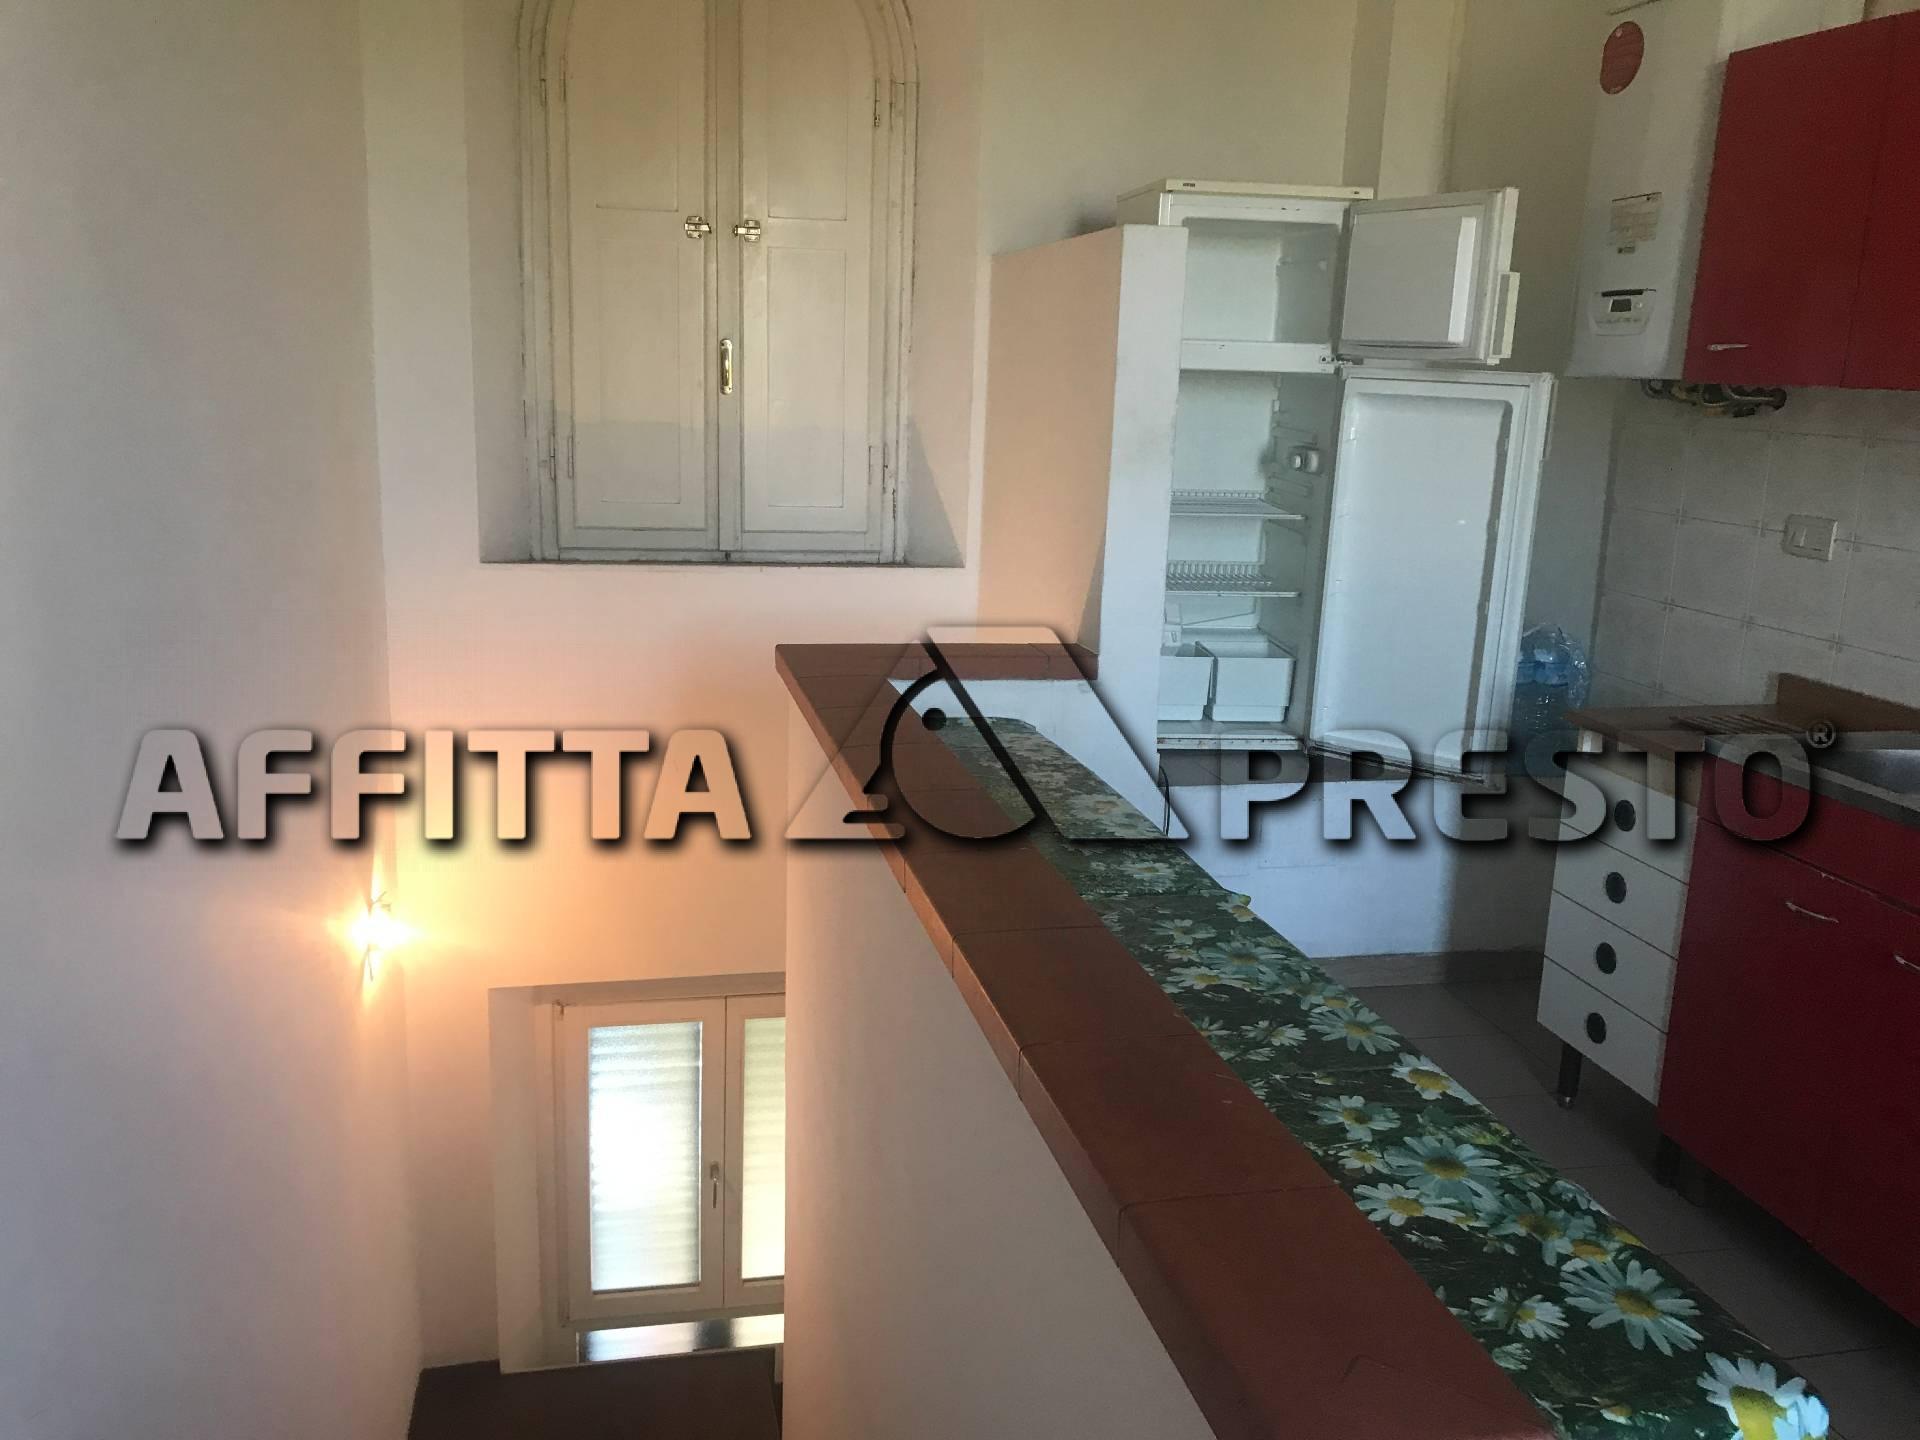 Appartamento in affitto a Collesalvetti, 3 locali, zona Zona: Stagno, prezzo € 1.000 | CambioCasa.it